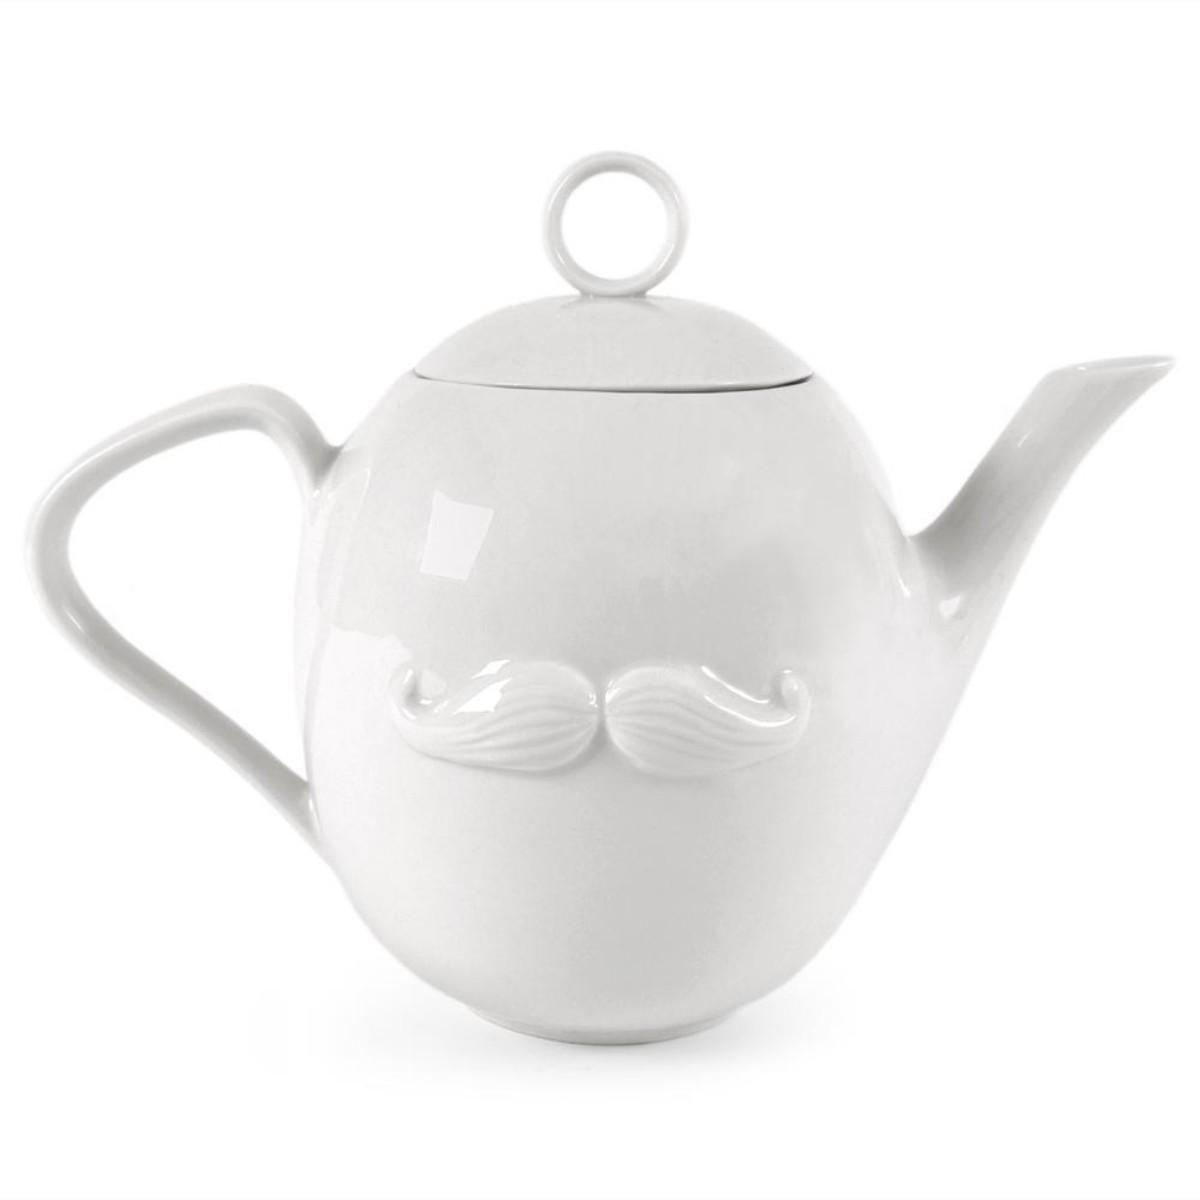 Jonathan Adler I Muse Reversible Teapot